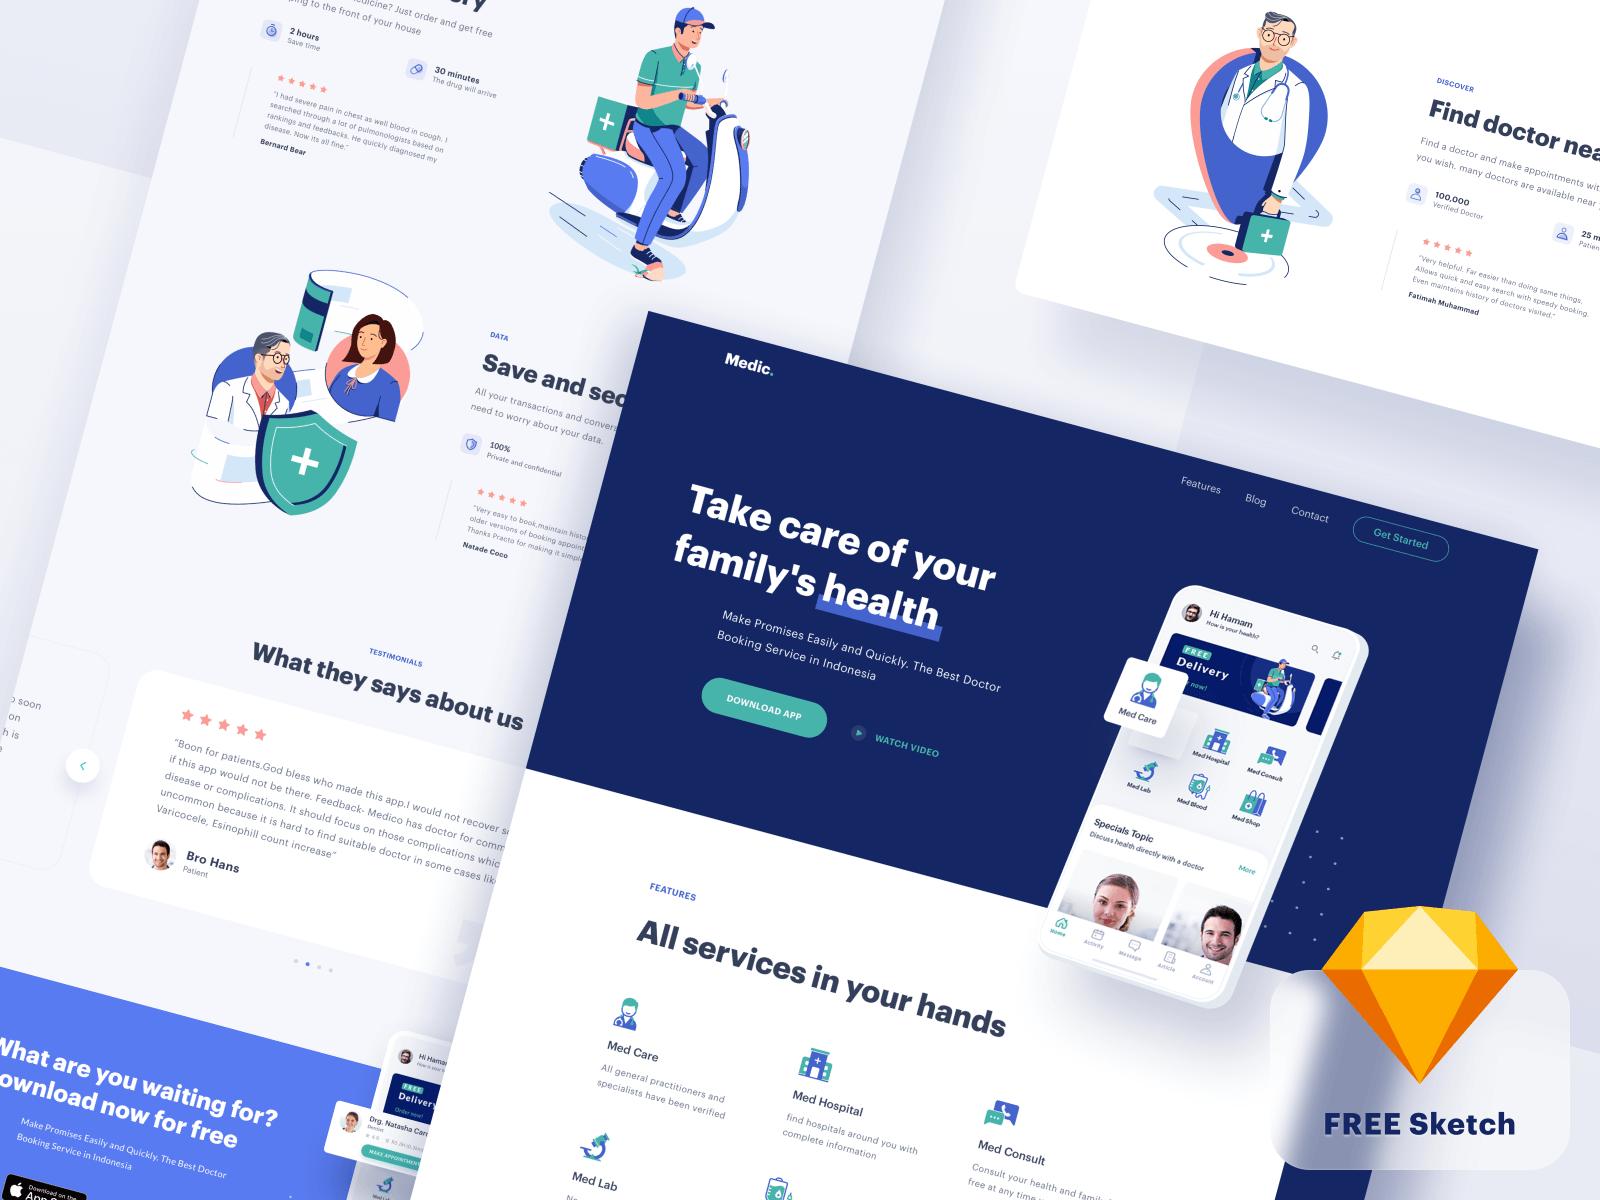 Medical App - Website cover image